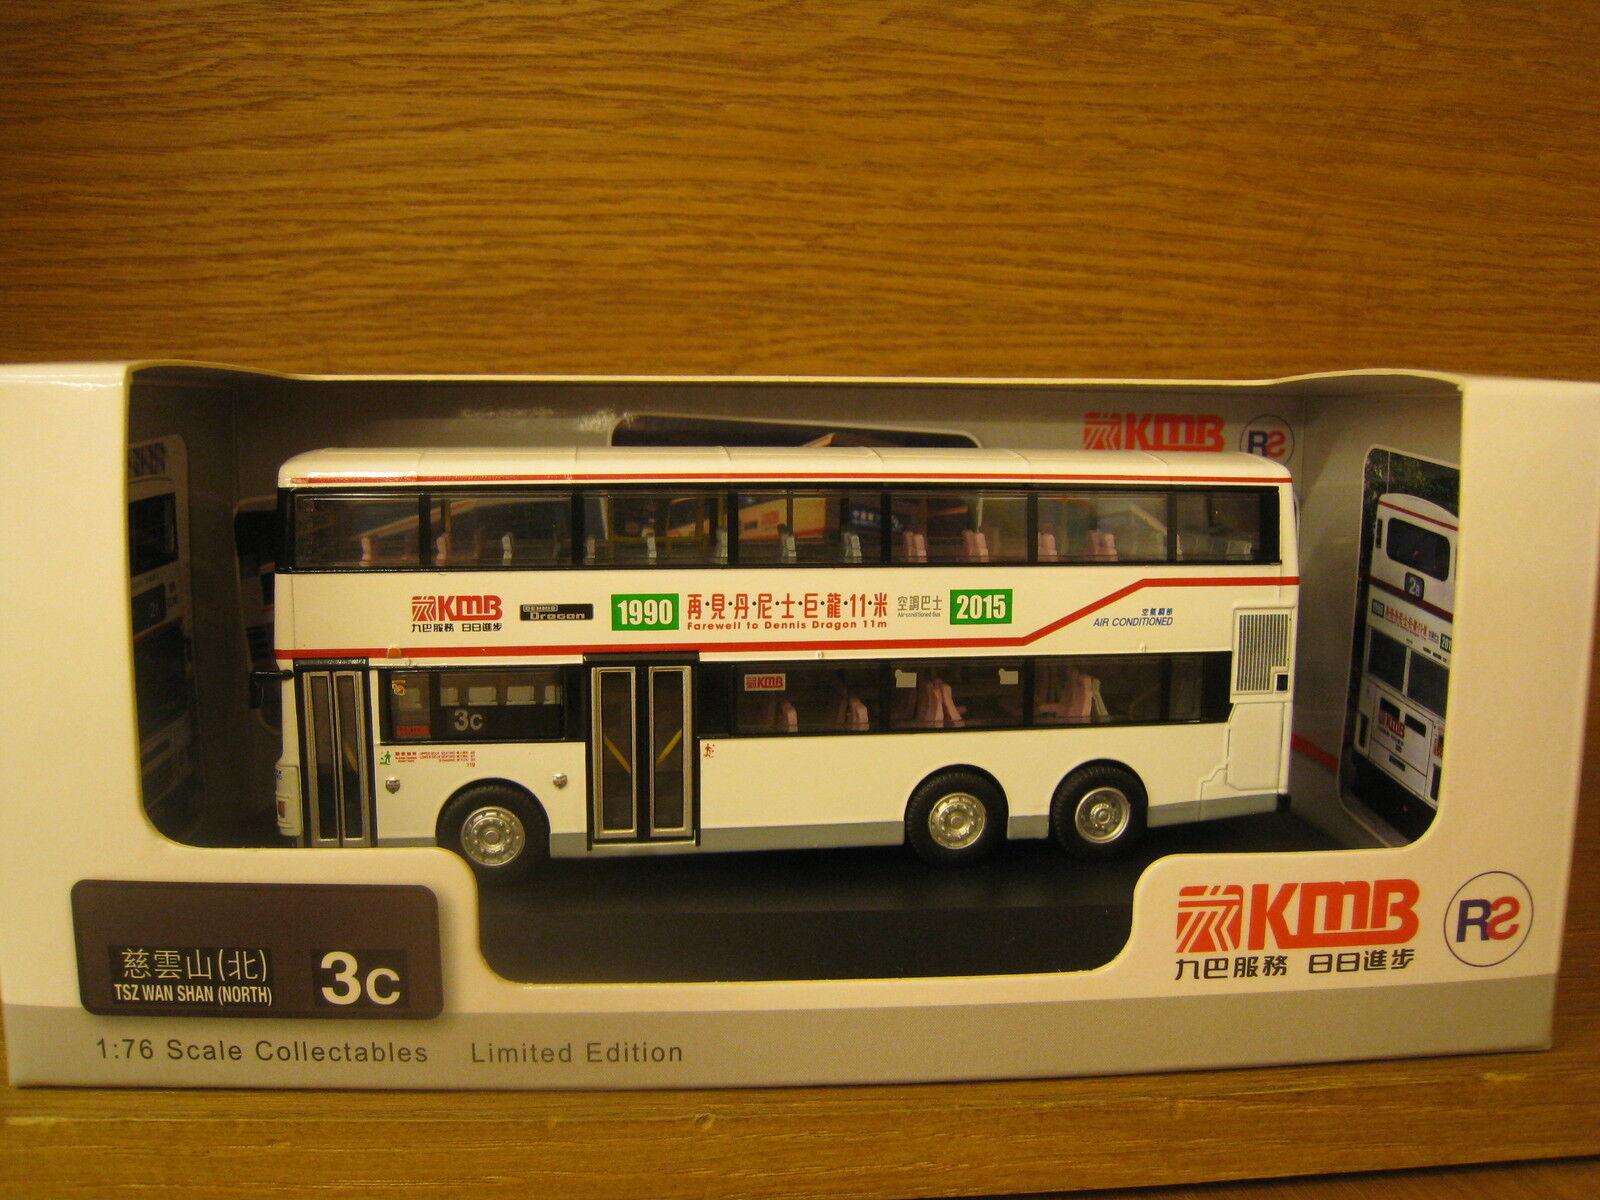 HONG KONG KMB BUS DENNIS DRAGON AIR-COND 11m  Farewell  AD336 Route  3C